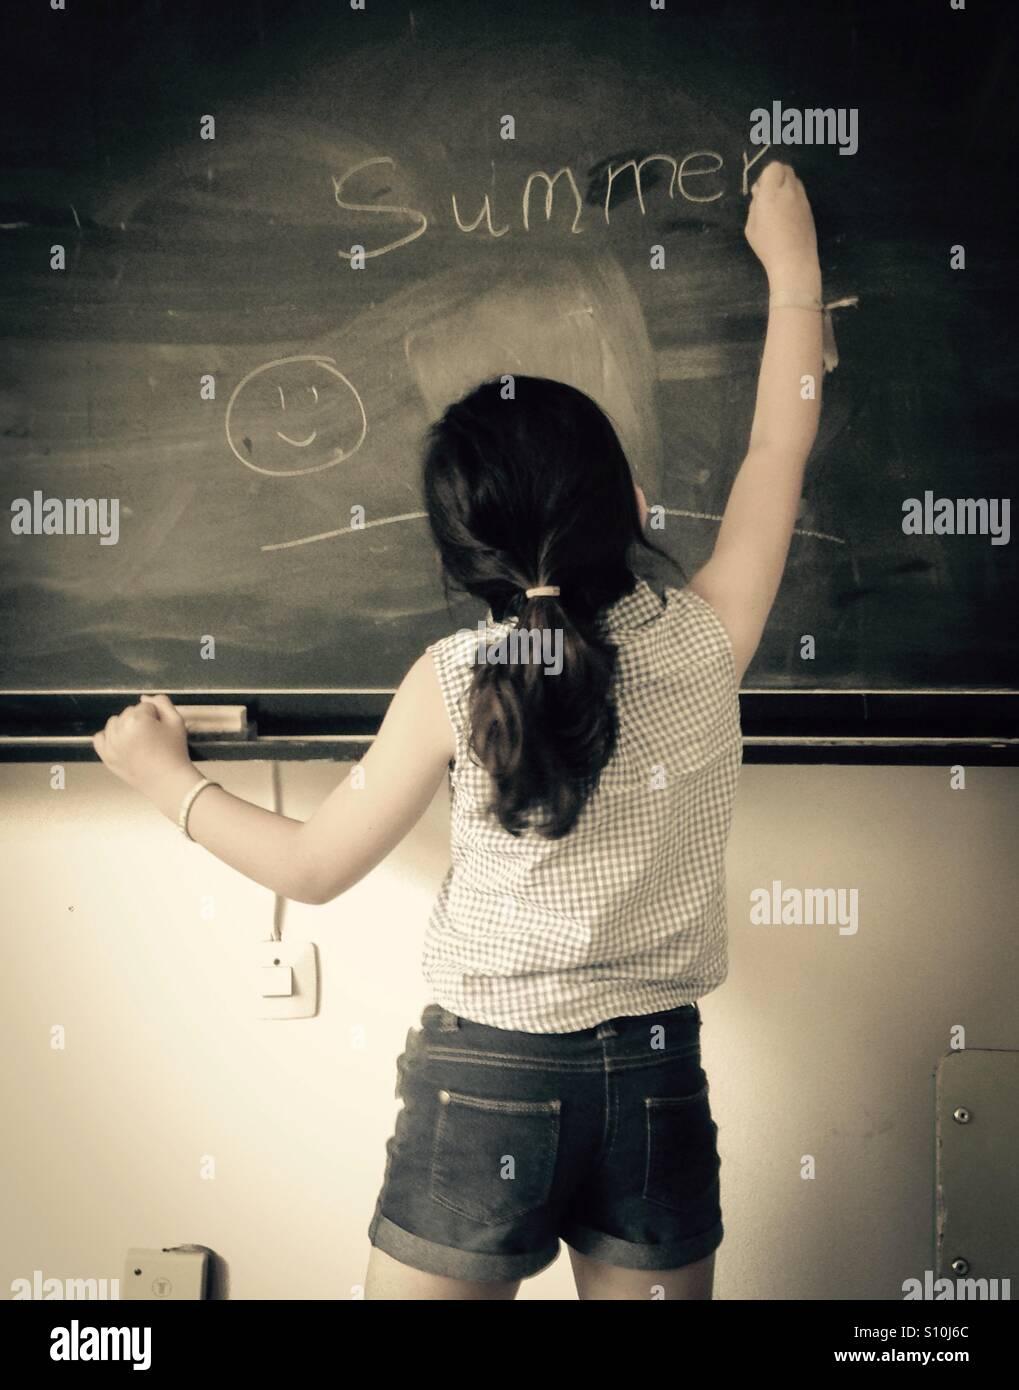 Vacances scolaires d'été Banque D'Images